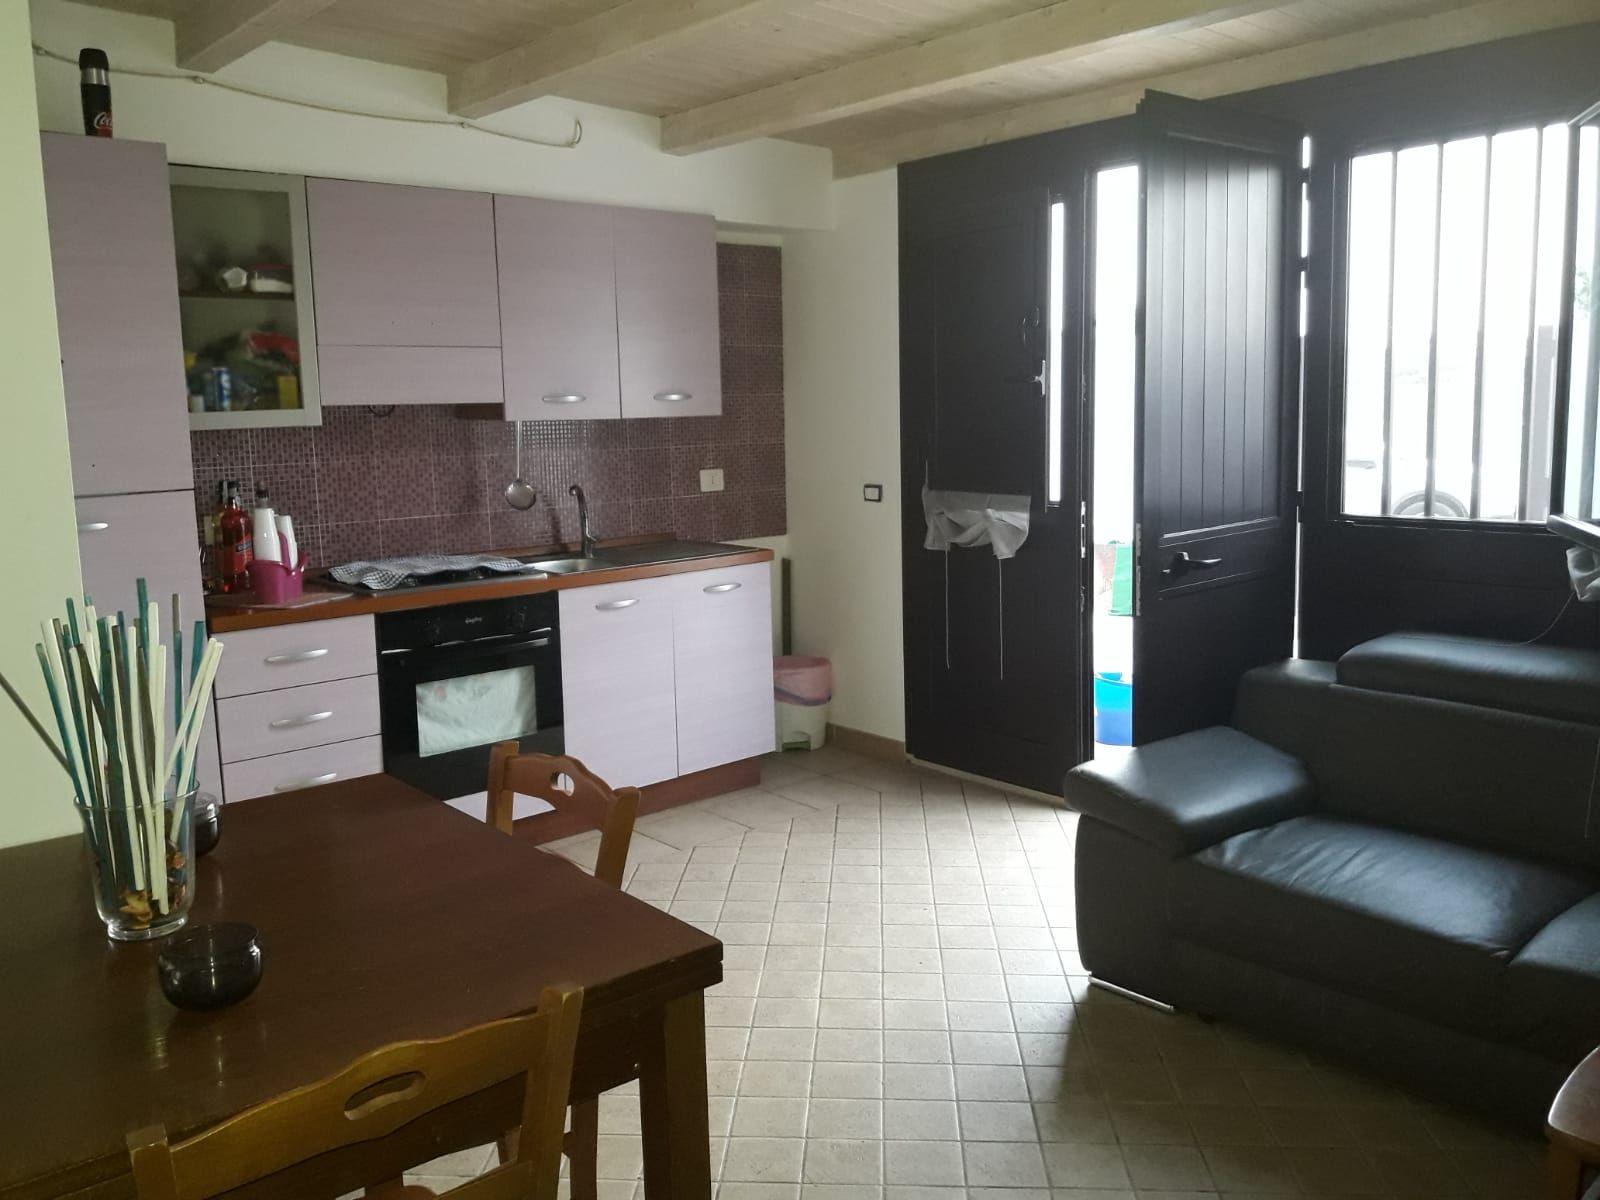 Appartamento di circa 70 mq, al piano terra con 2 verande, provvisto di cucina-soggiorno e predisposizione per una seconda cucina, 2 bagni, 2 camere da letto, locali climatizzati e forniti di zanzariere. E